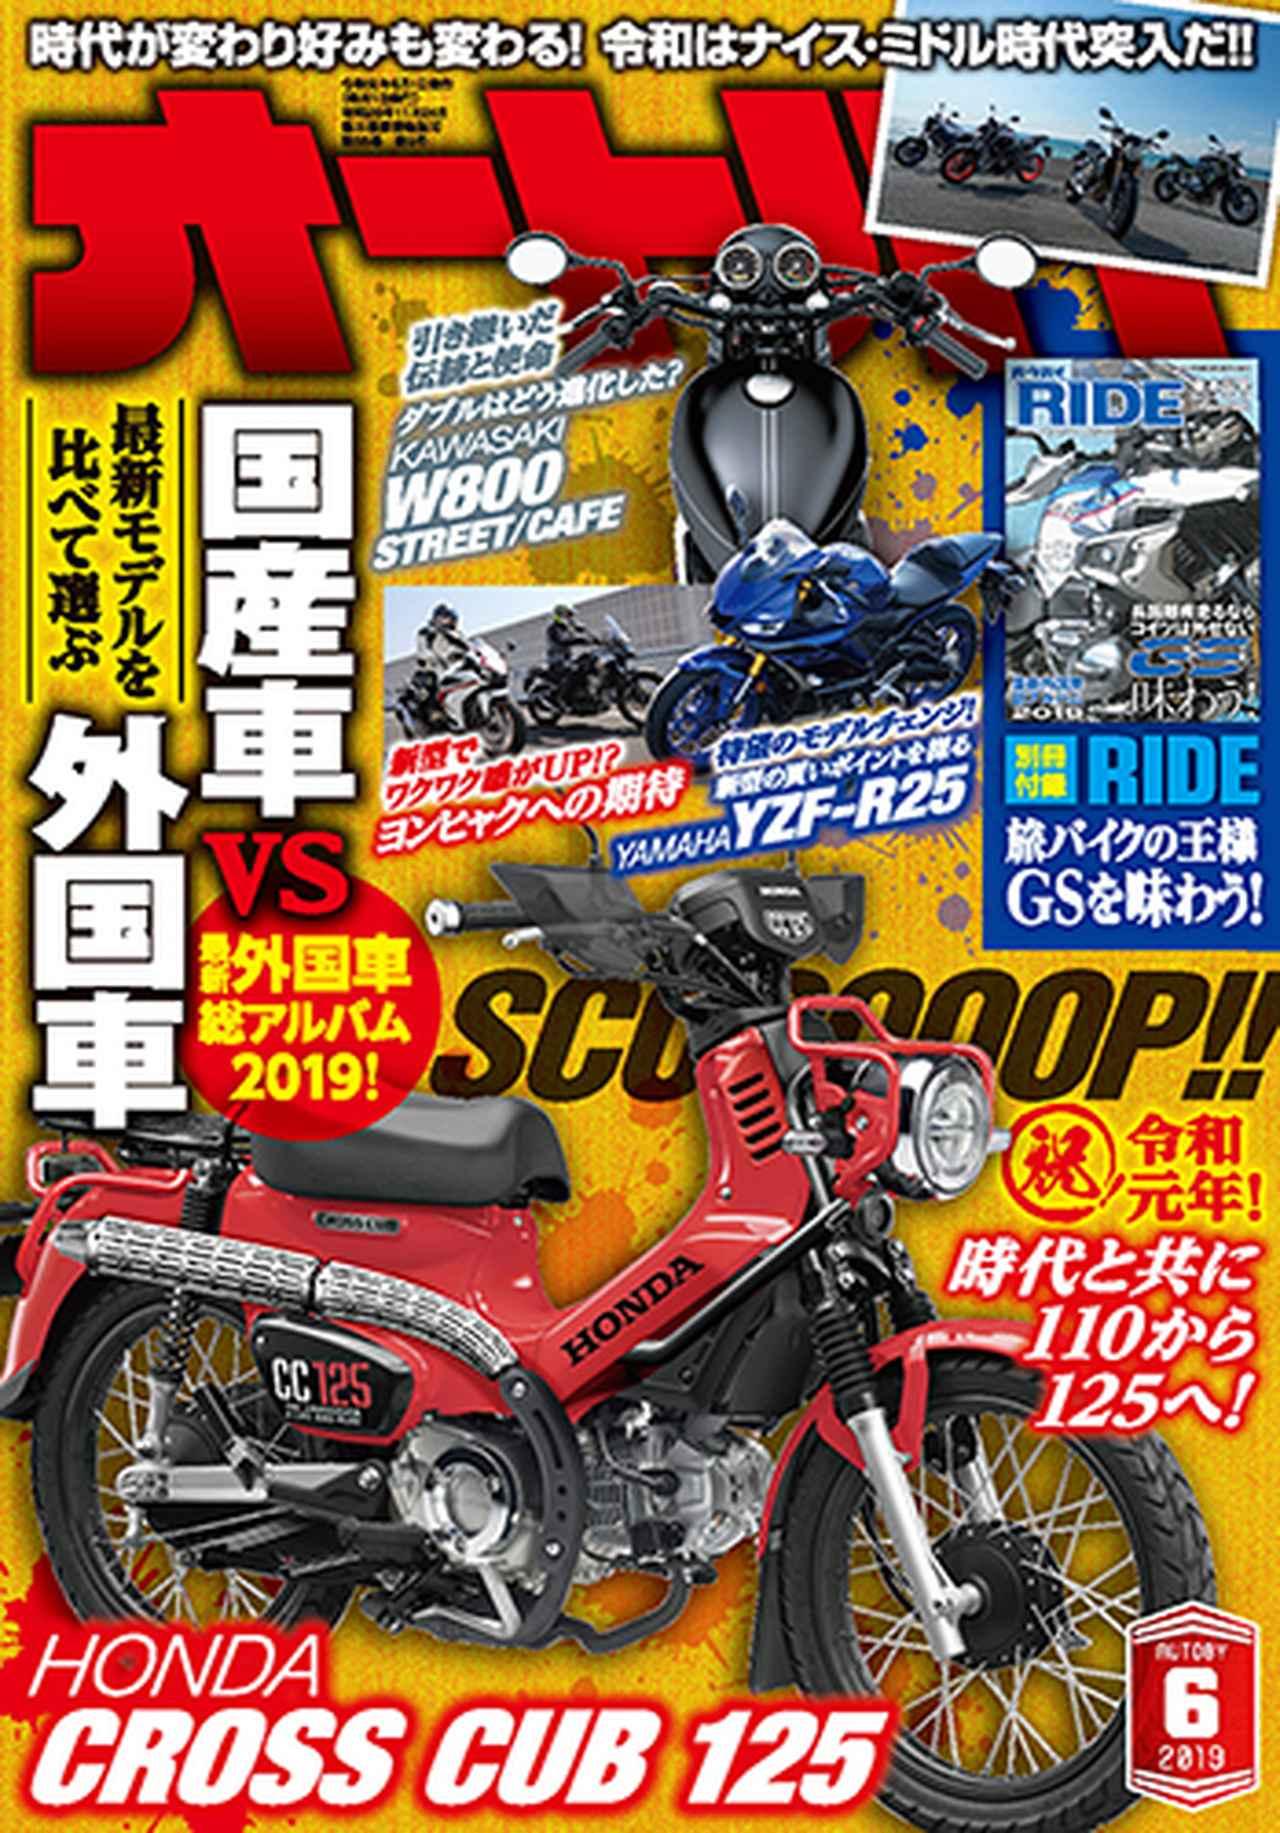 画像1: 令和の初日、5月1日発売! 『オートバイ』6月号は最新国産車&外国車を徹底紹介!